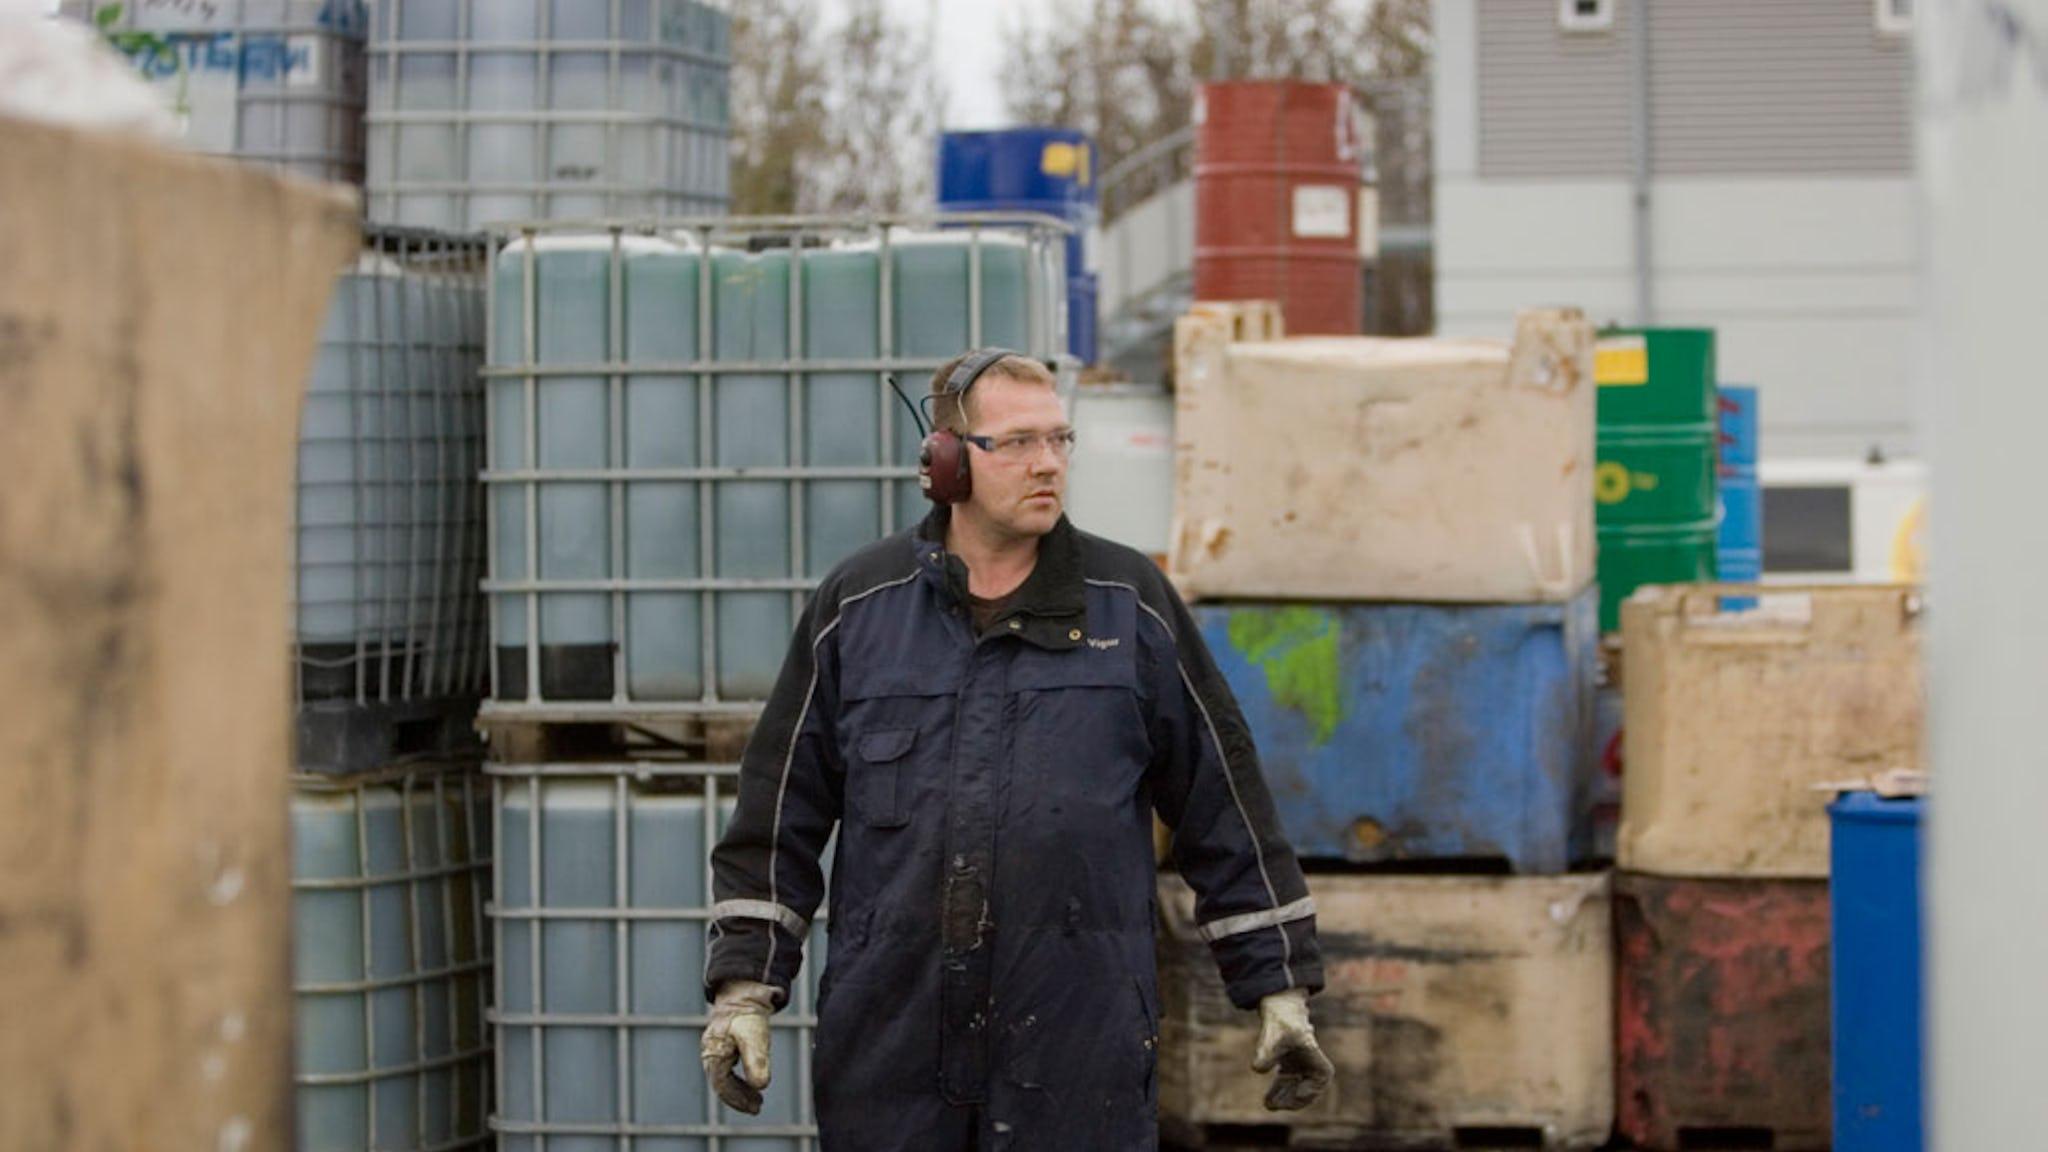 –Före krisen fick vi lokala lönepåslag, nu får vi bara vad det centrala avtalet ger, säger Ingvar Vigar. Men vi har haft tur, ingen här på återvinningsföretaget har sagts upp.